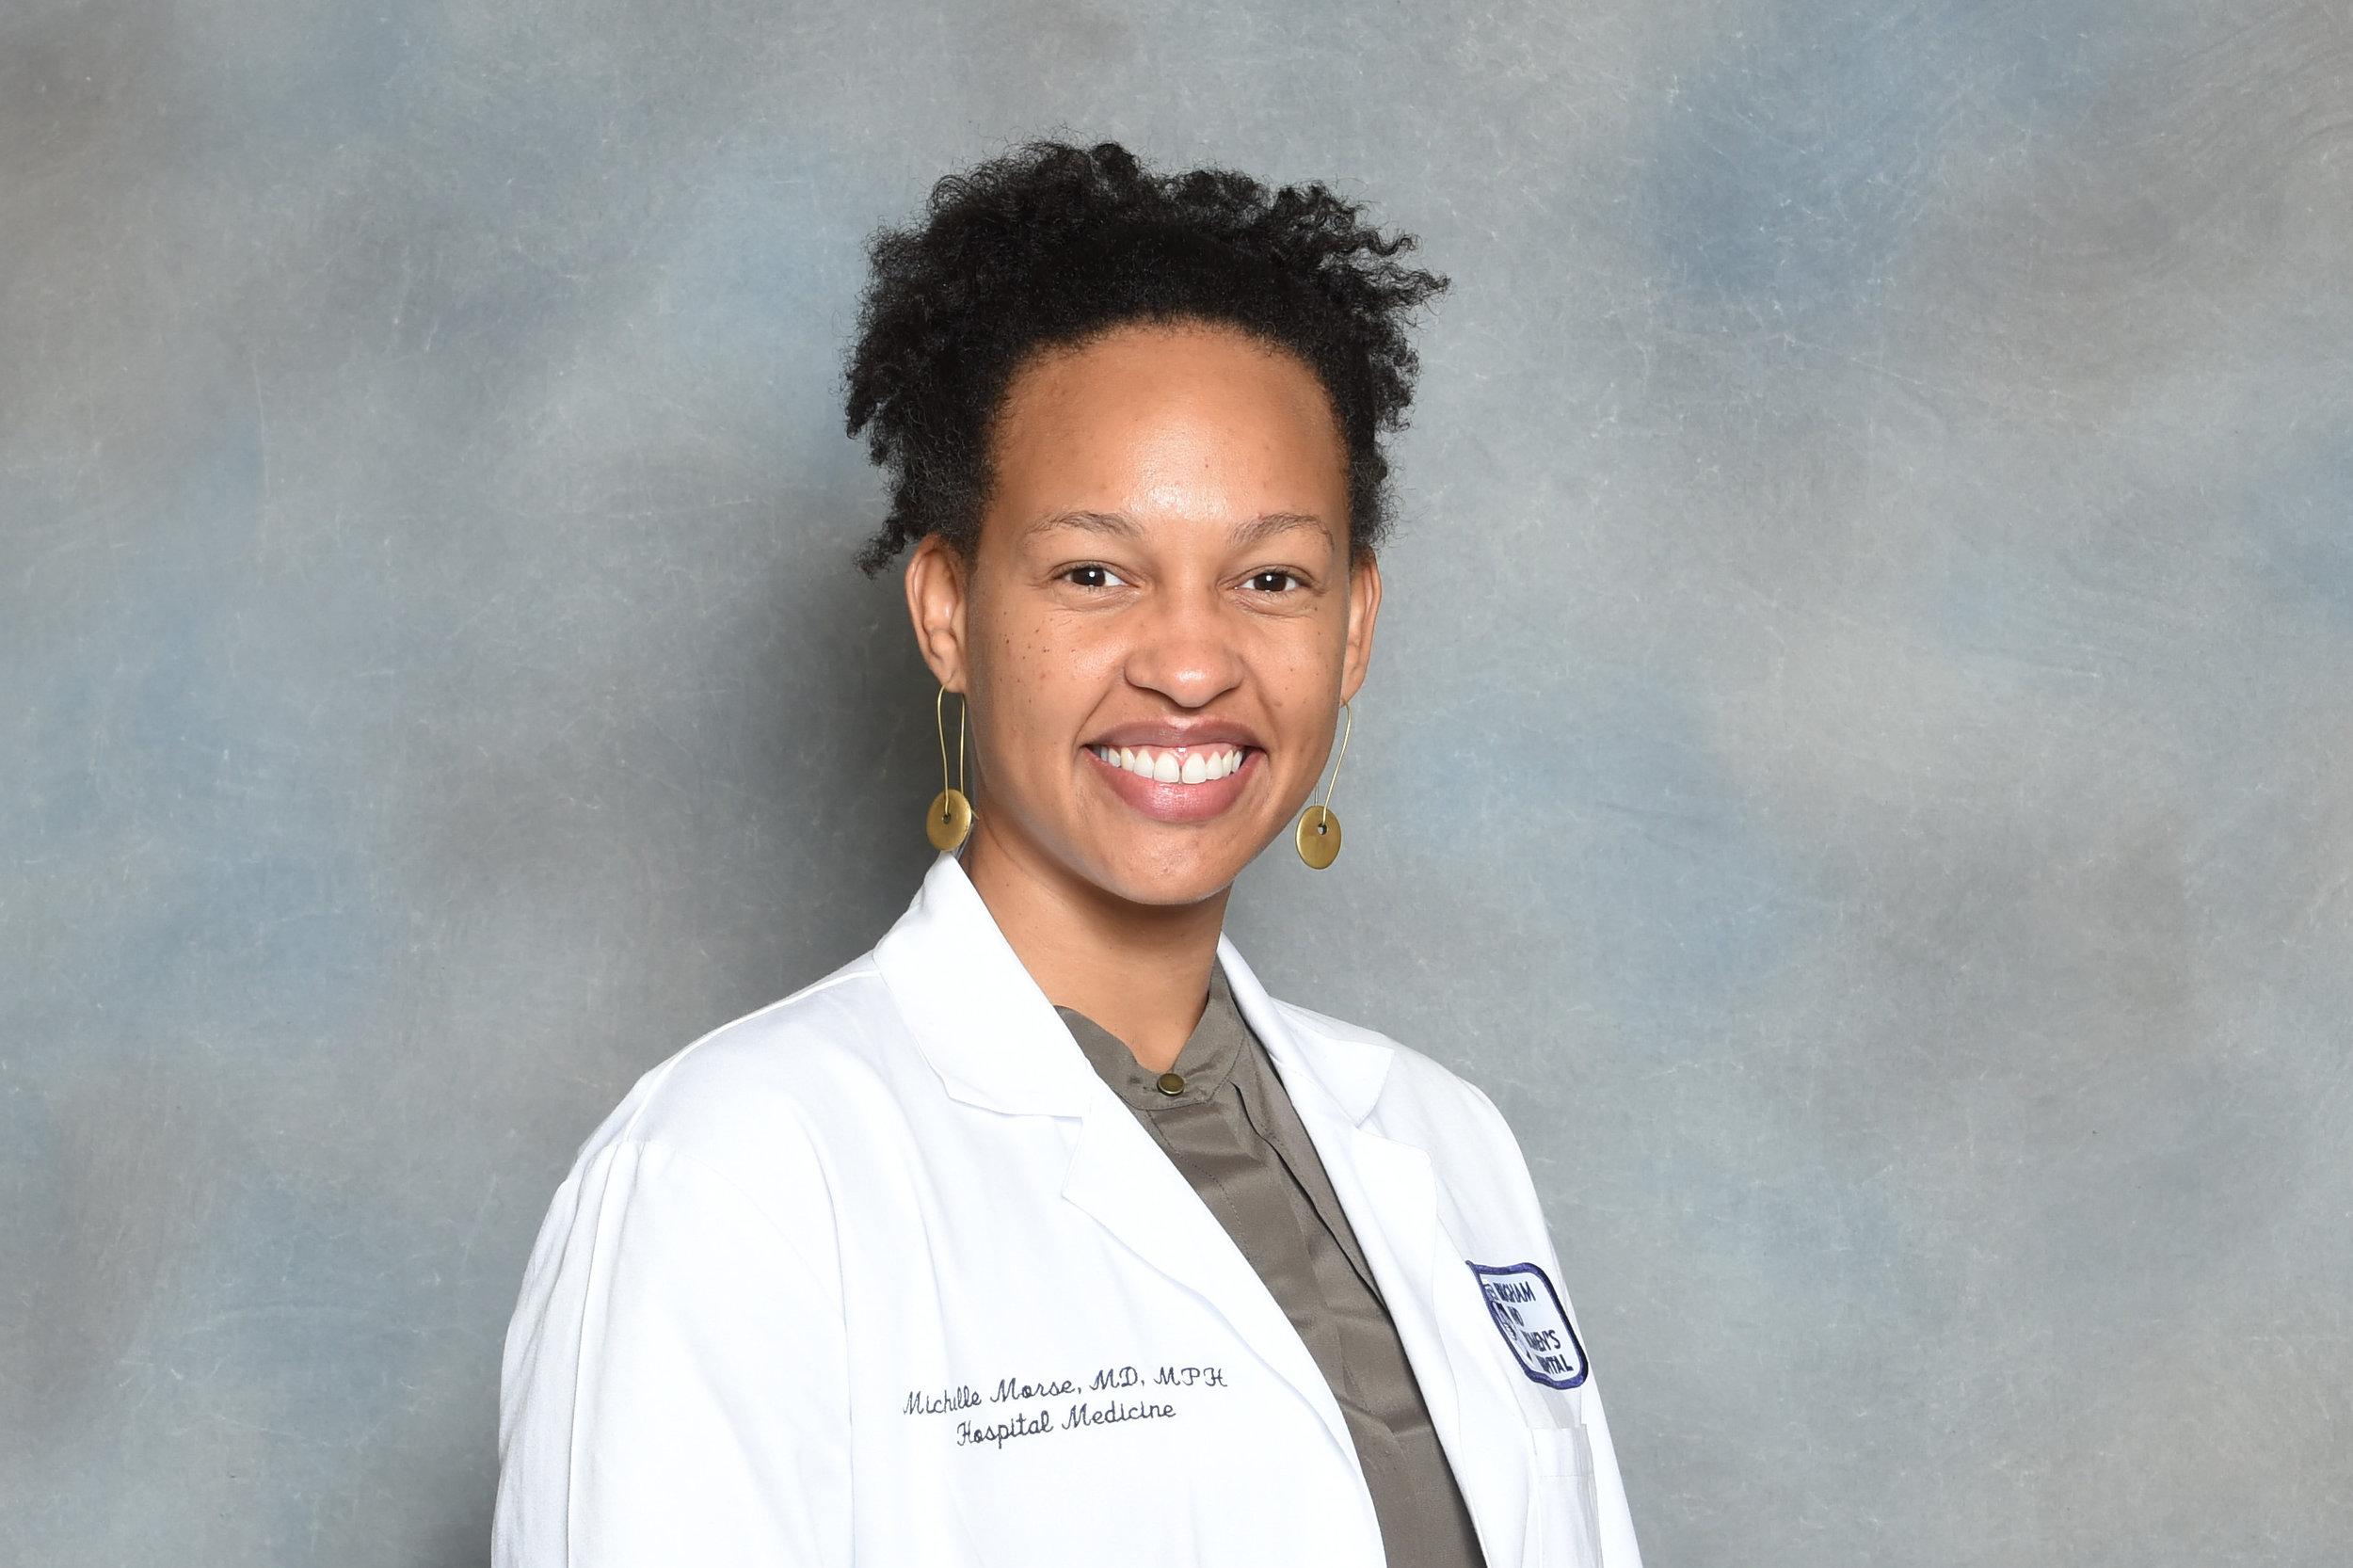 Michelle Morse, MD, MPH